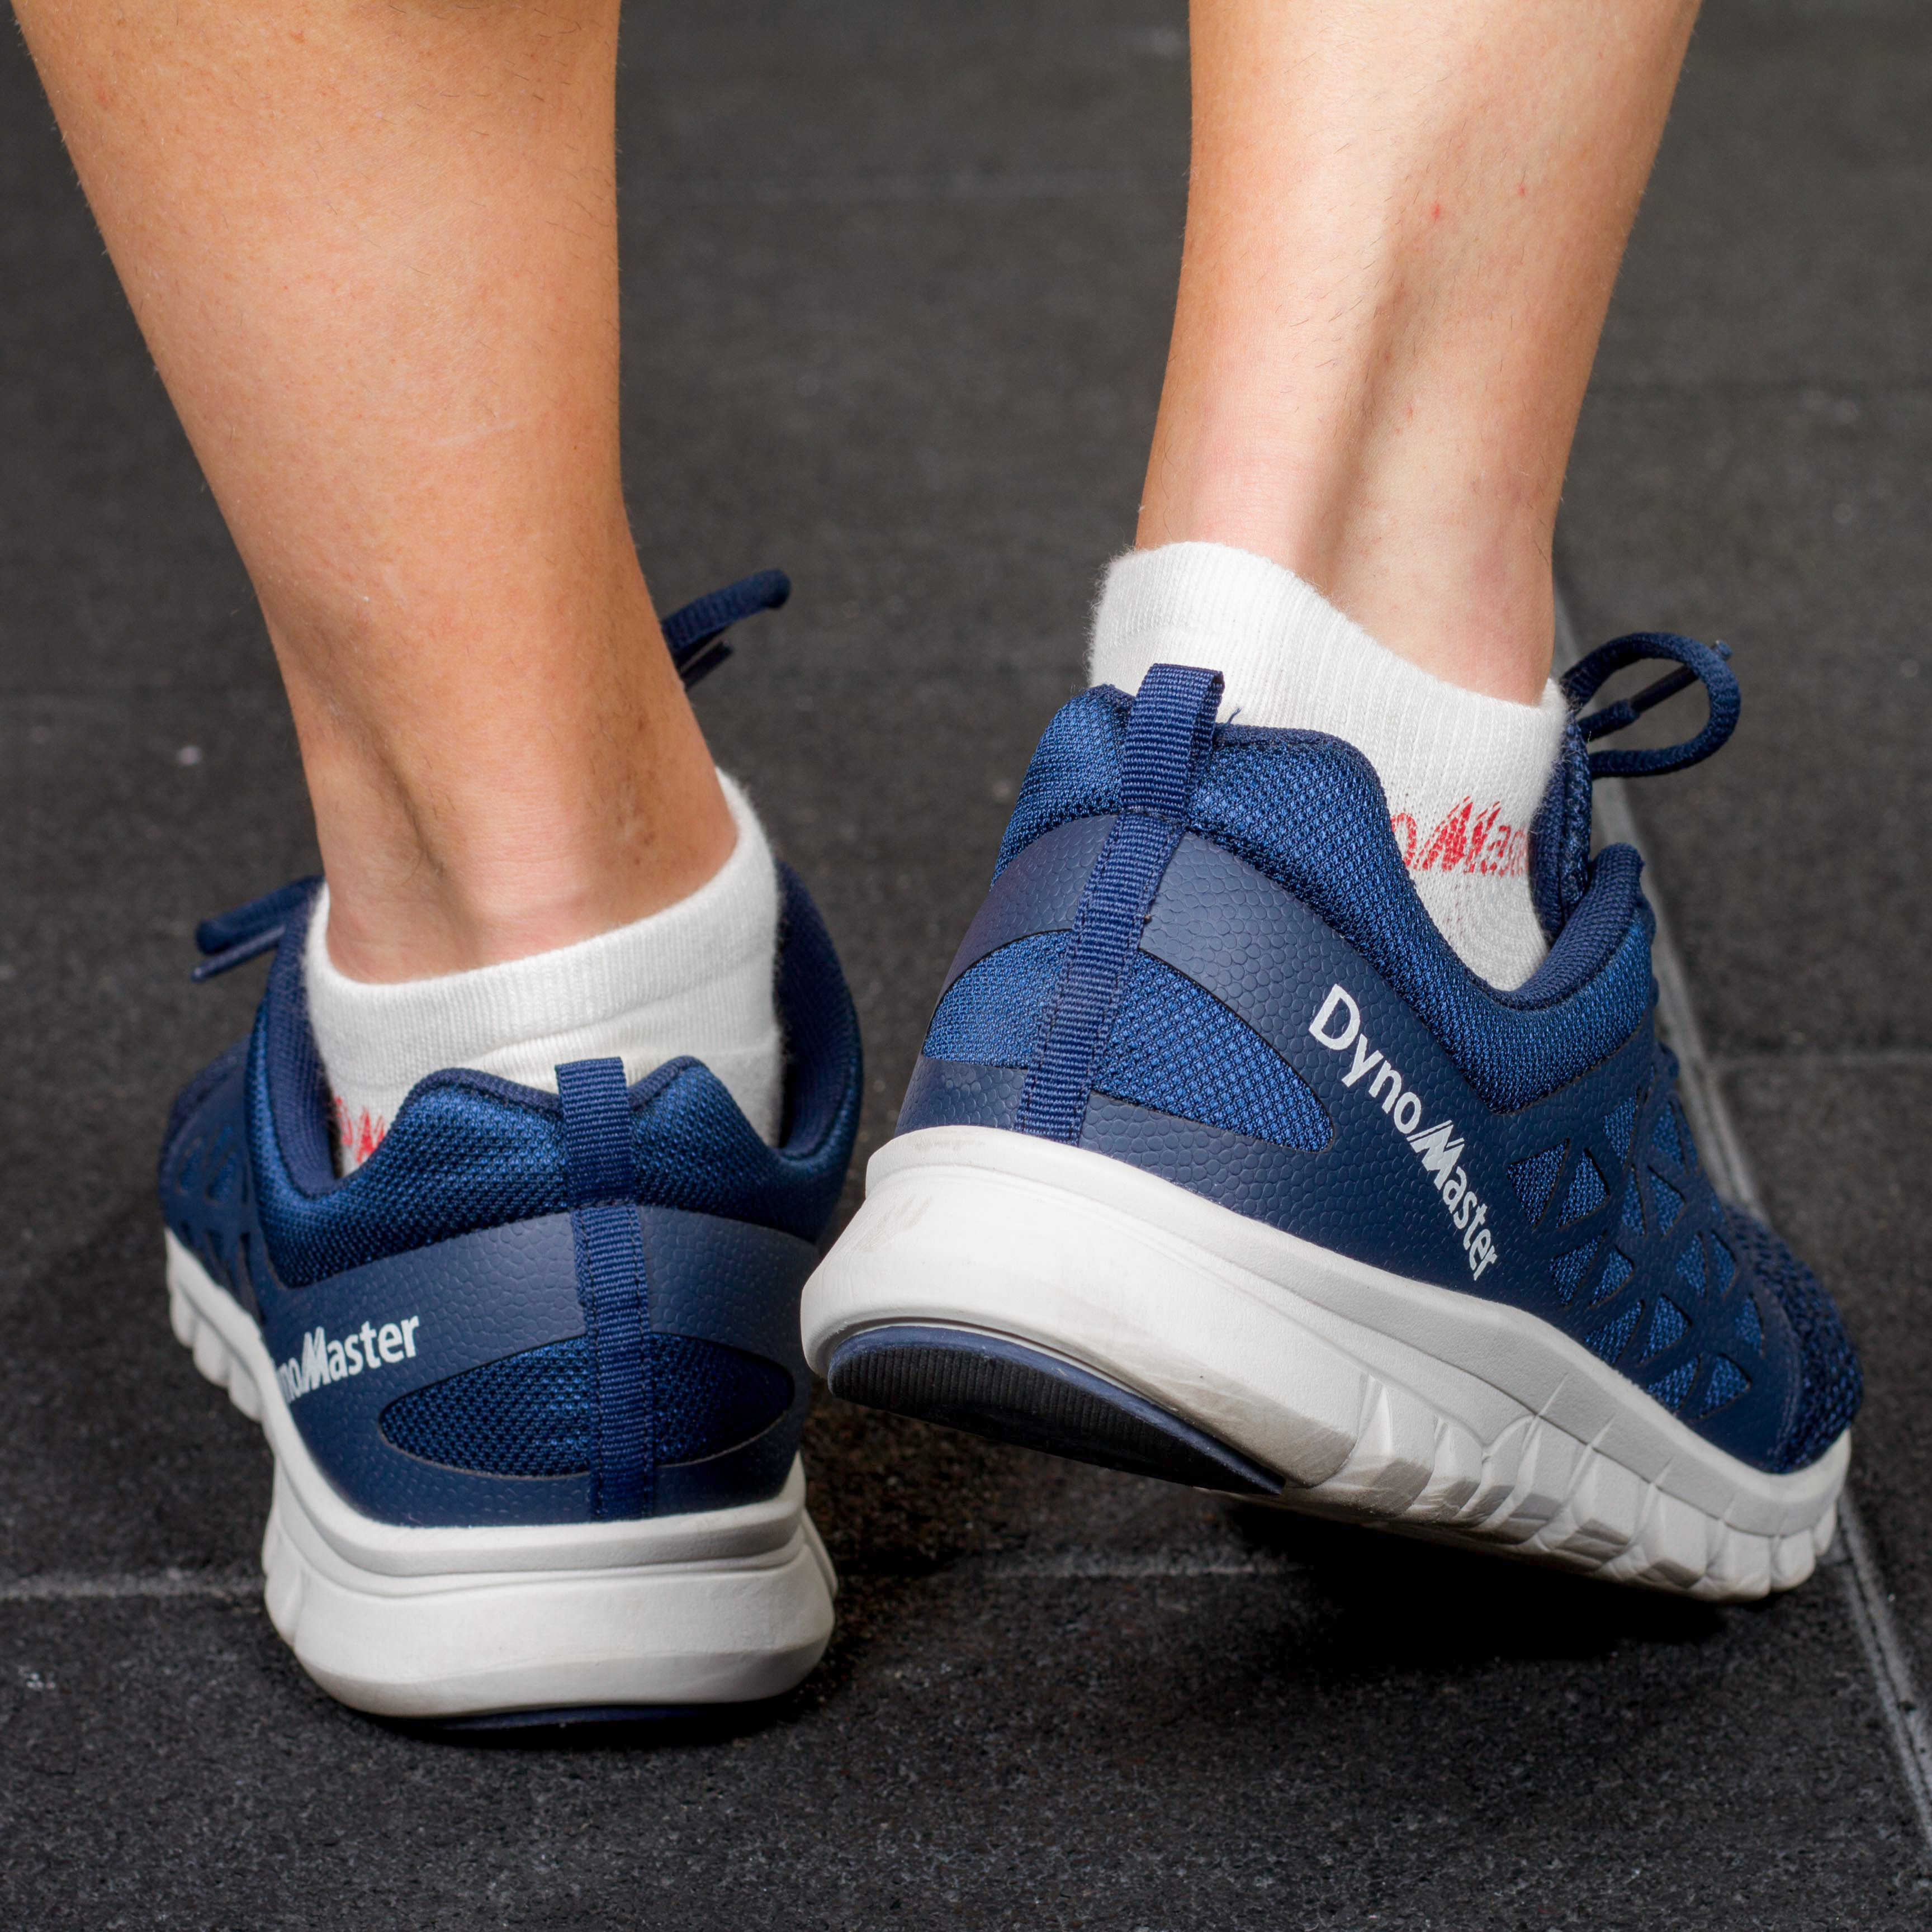 ديناماستر احذية الجري ازرق داكن عداء اللياقة البدنية الرياضة أحذية رجالي